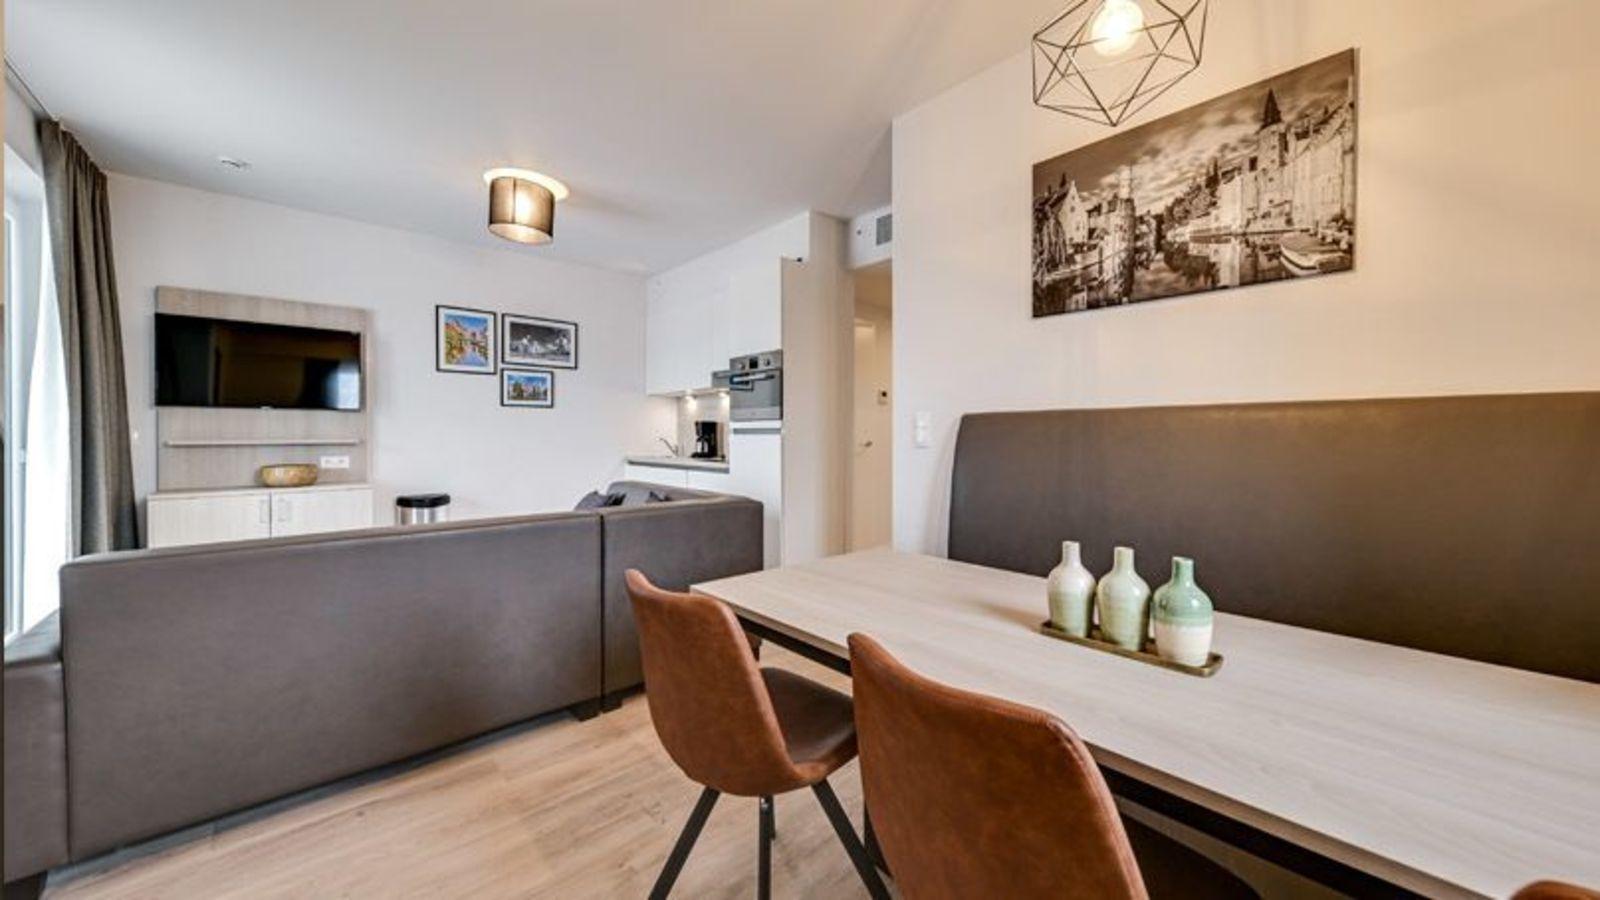 Nouveau logement de vacances pour 6 personnes (4 adultes - 2 enfants)